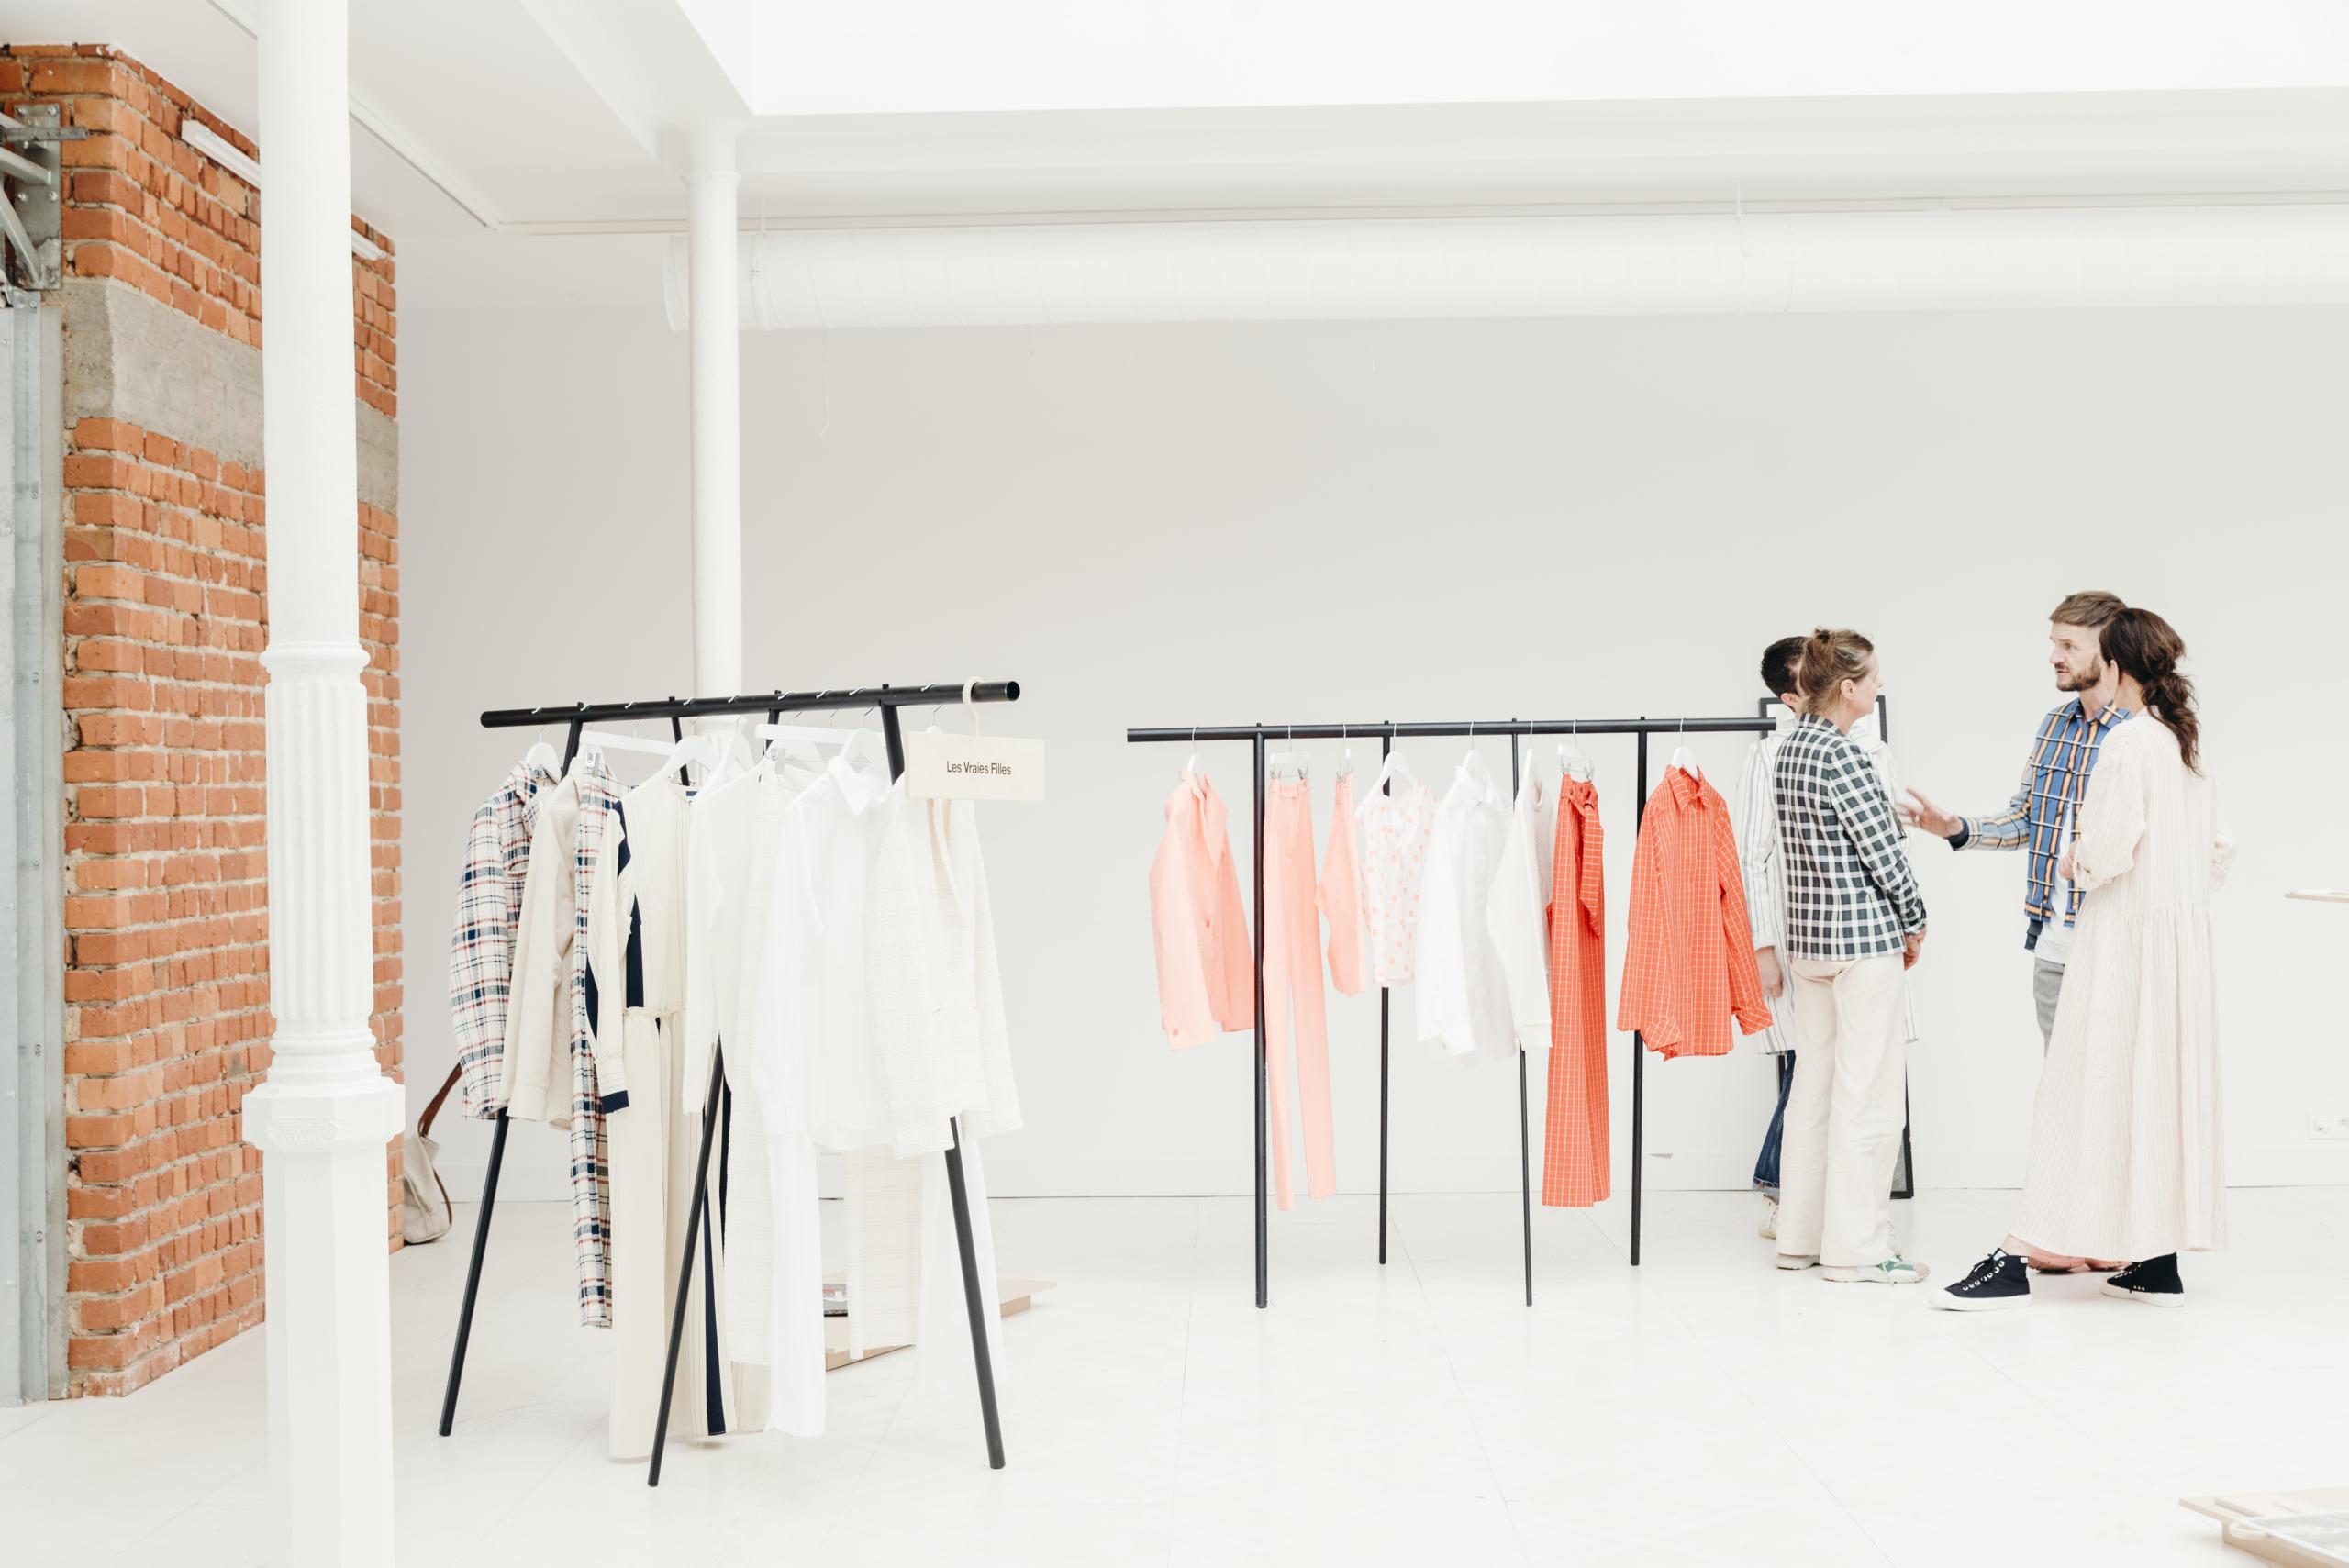 [UITGESTELD] Showroom 20: Brusselse mode in het uitstalraam